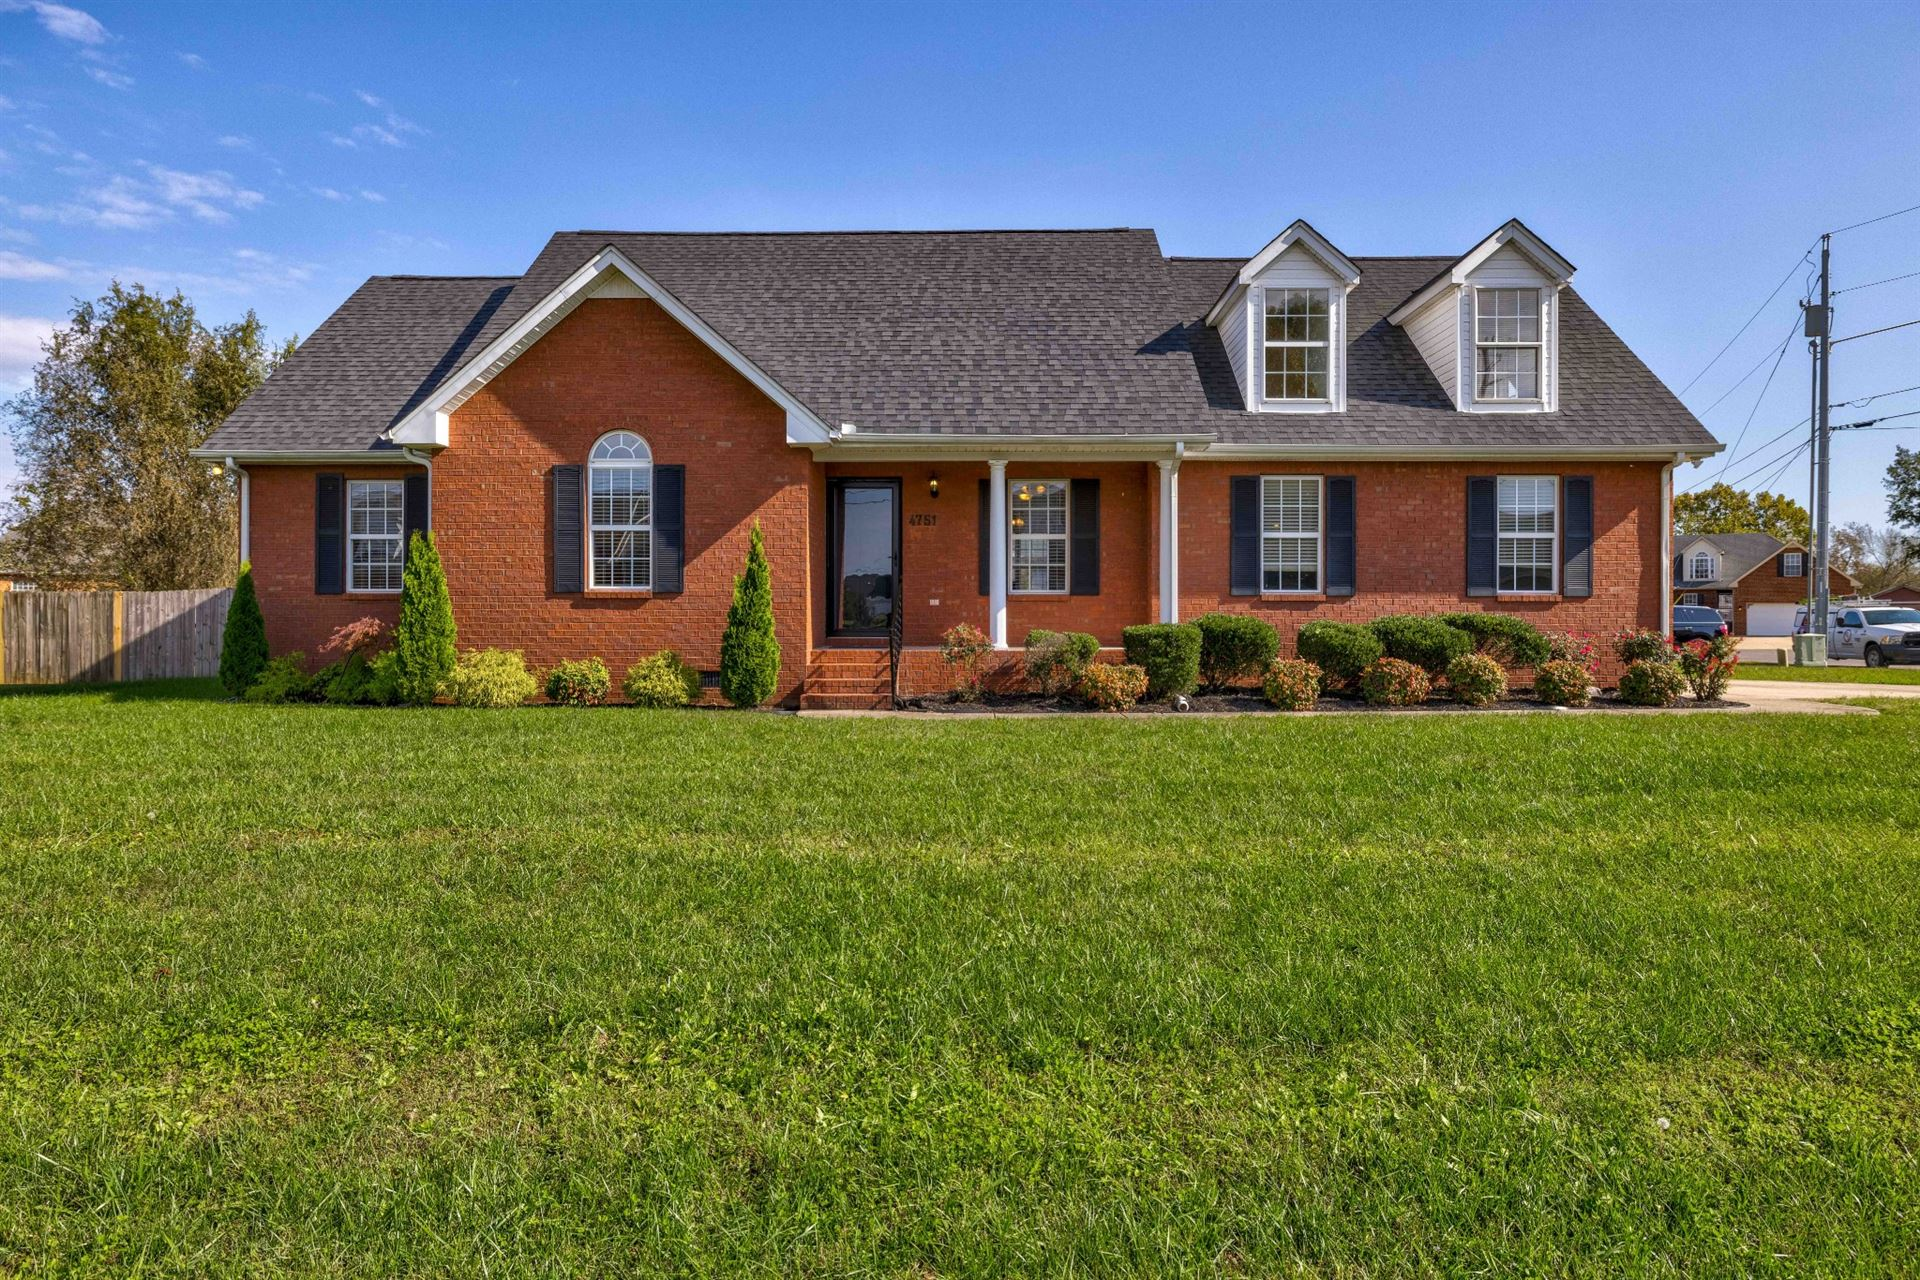 4751 Hammock Dr, Murfreesboro, TN 37128 - MLS#: 2302751